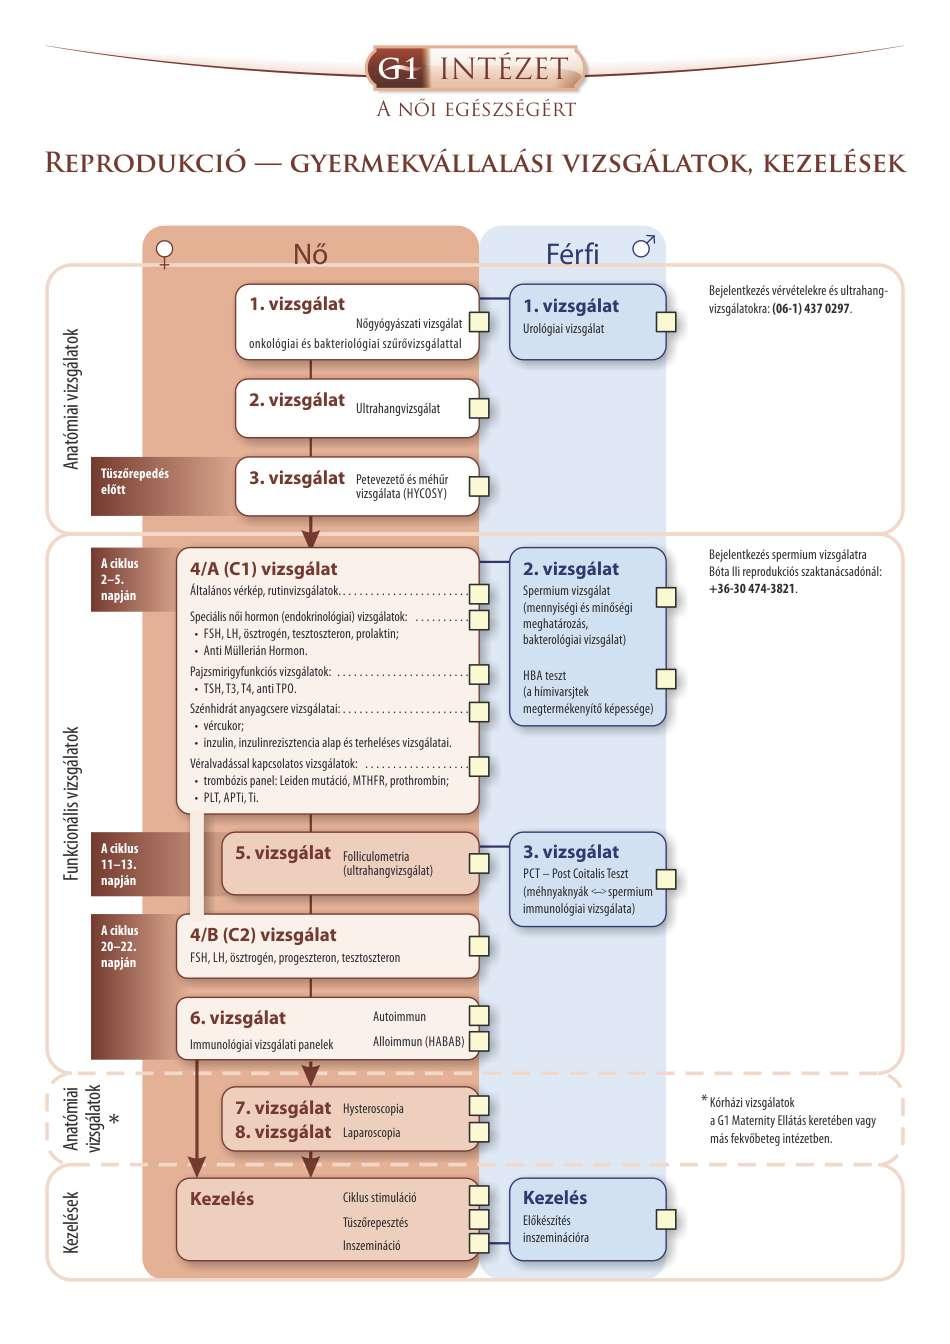 Meddőségi immunológiai panel